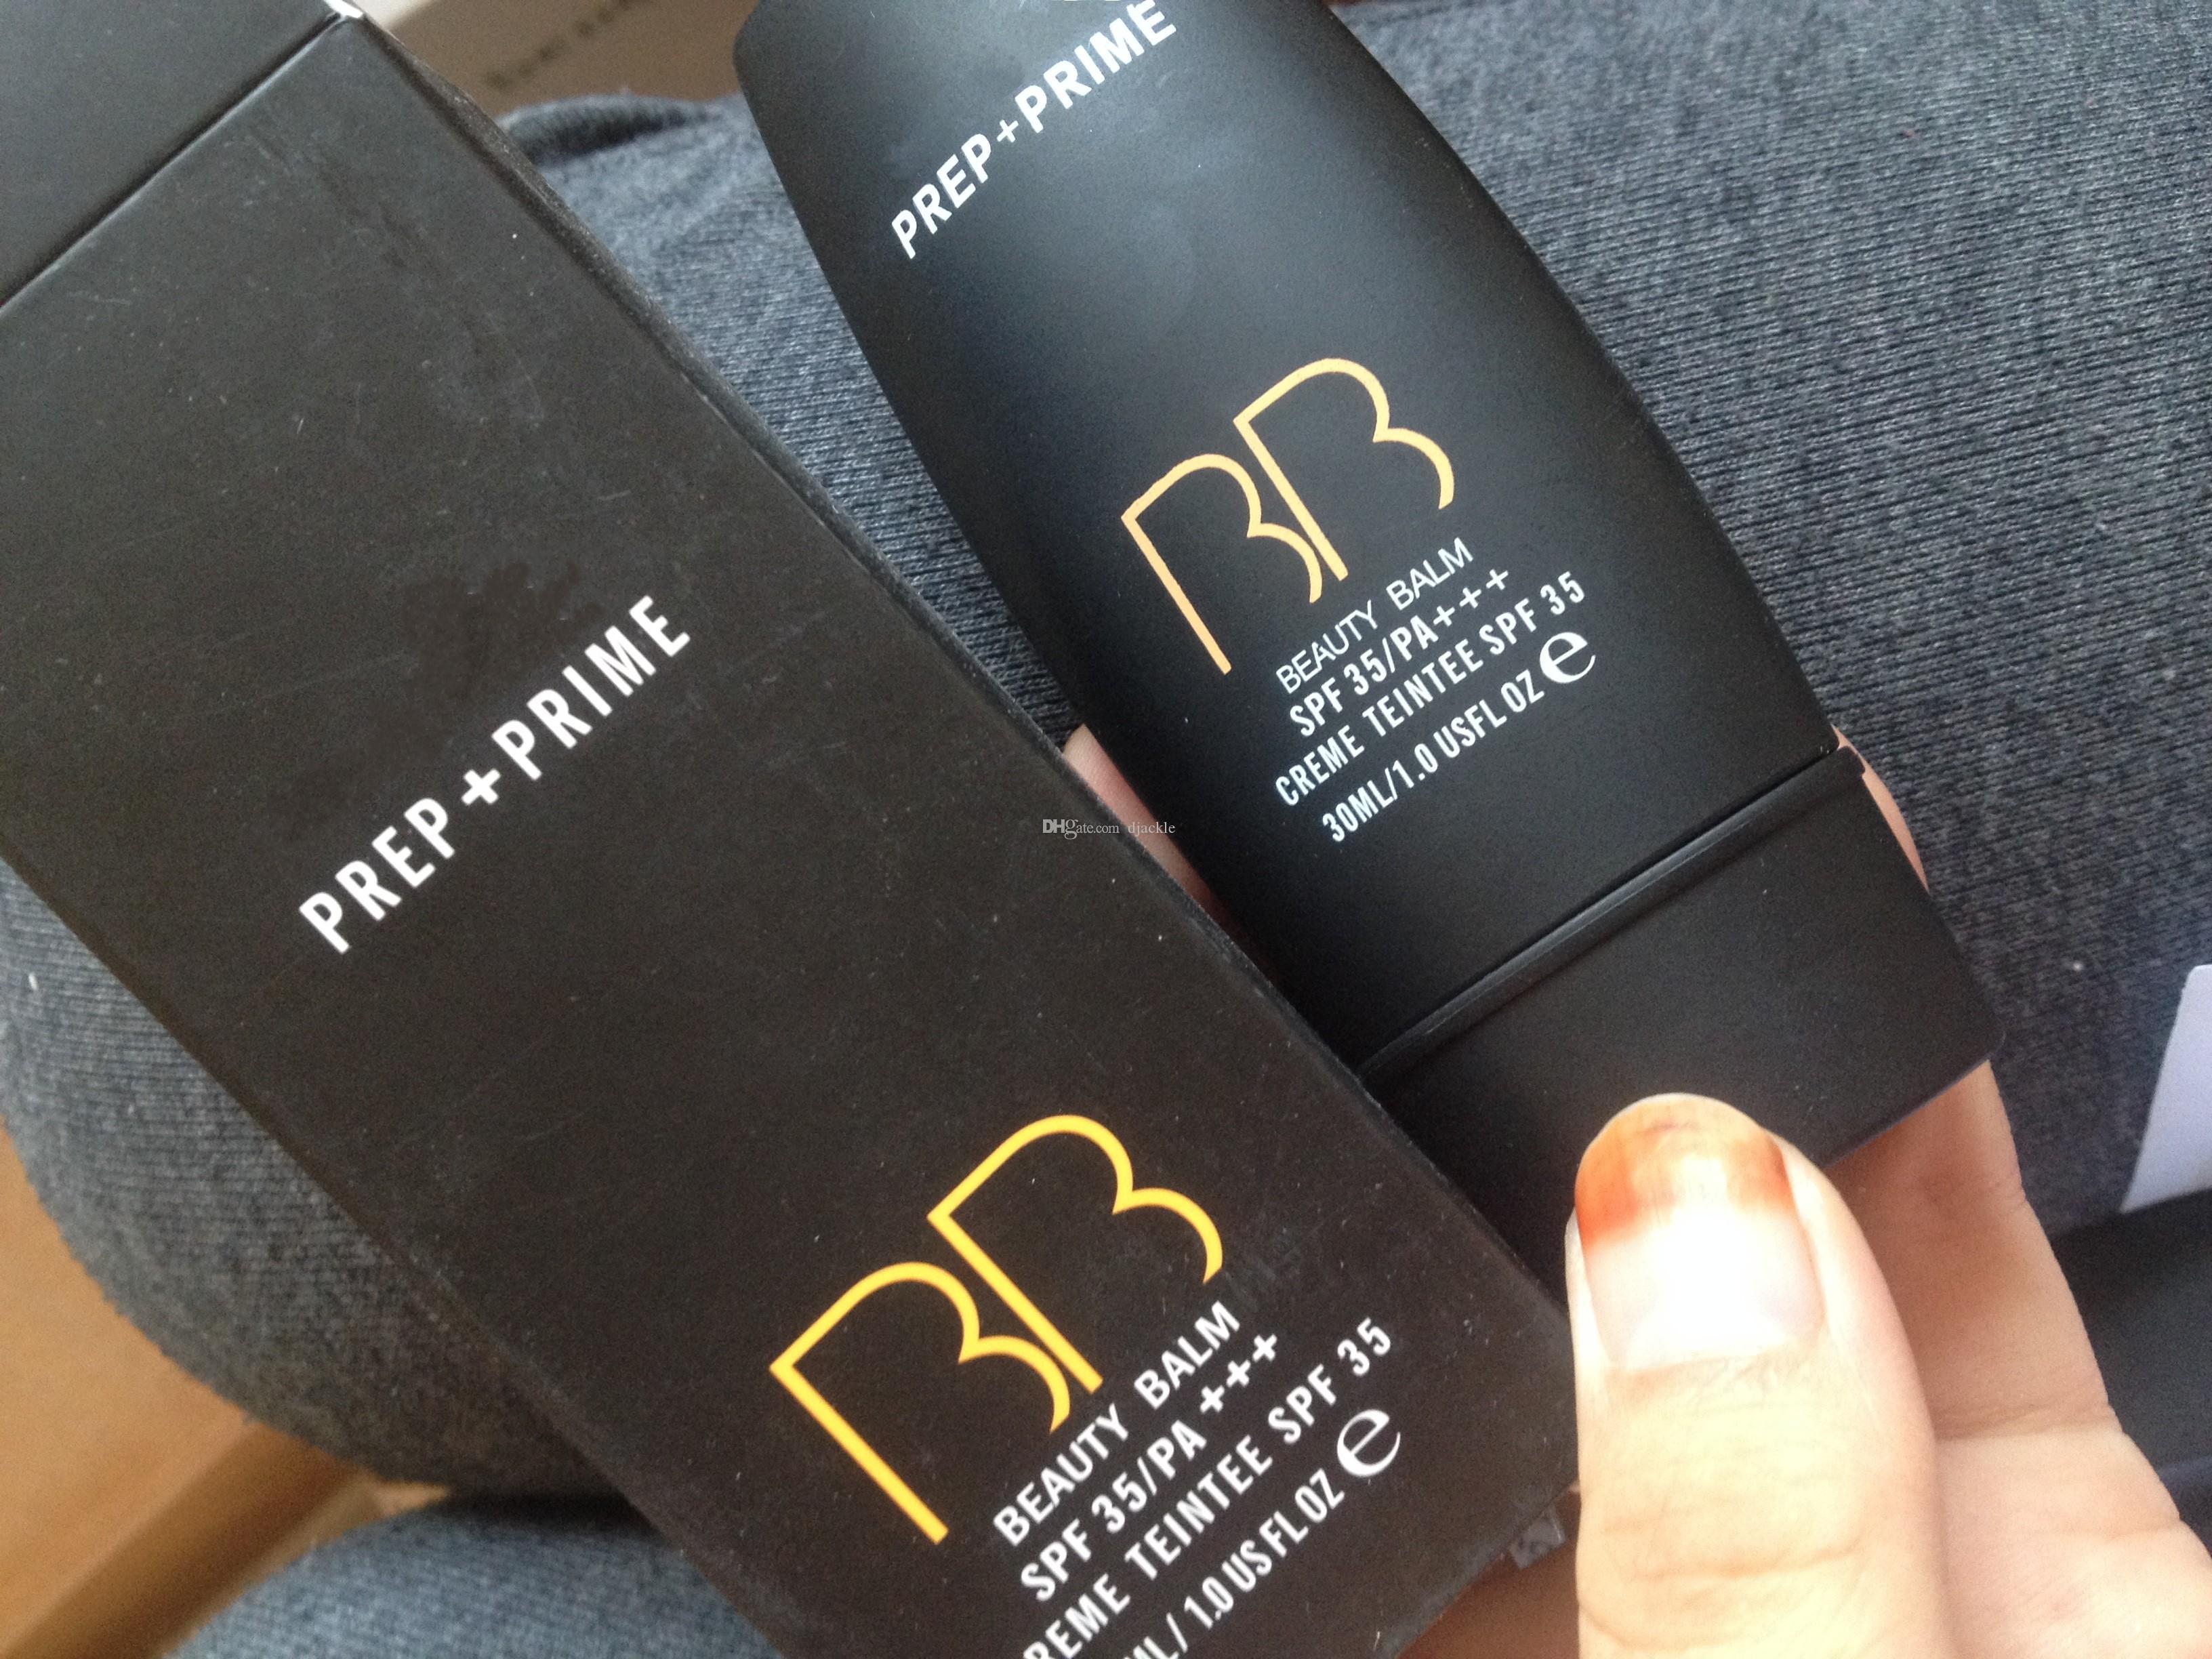 메이크업 준비 + 프라임 뷰티 BALM SPF35 / PA +++ CREME TEINTEE SPF35 30ml Face Creme Concealer